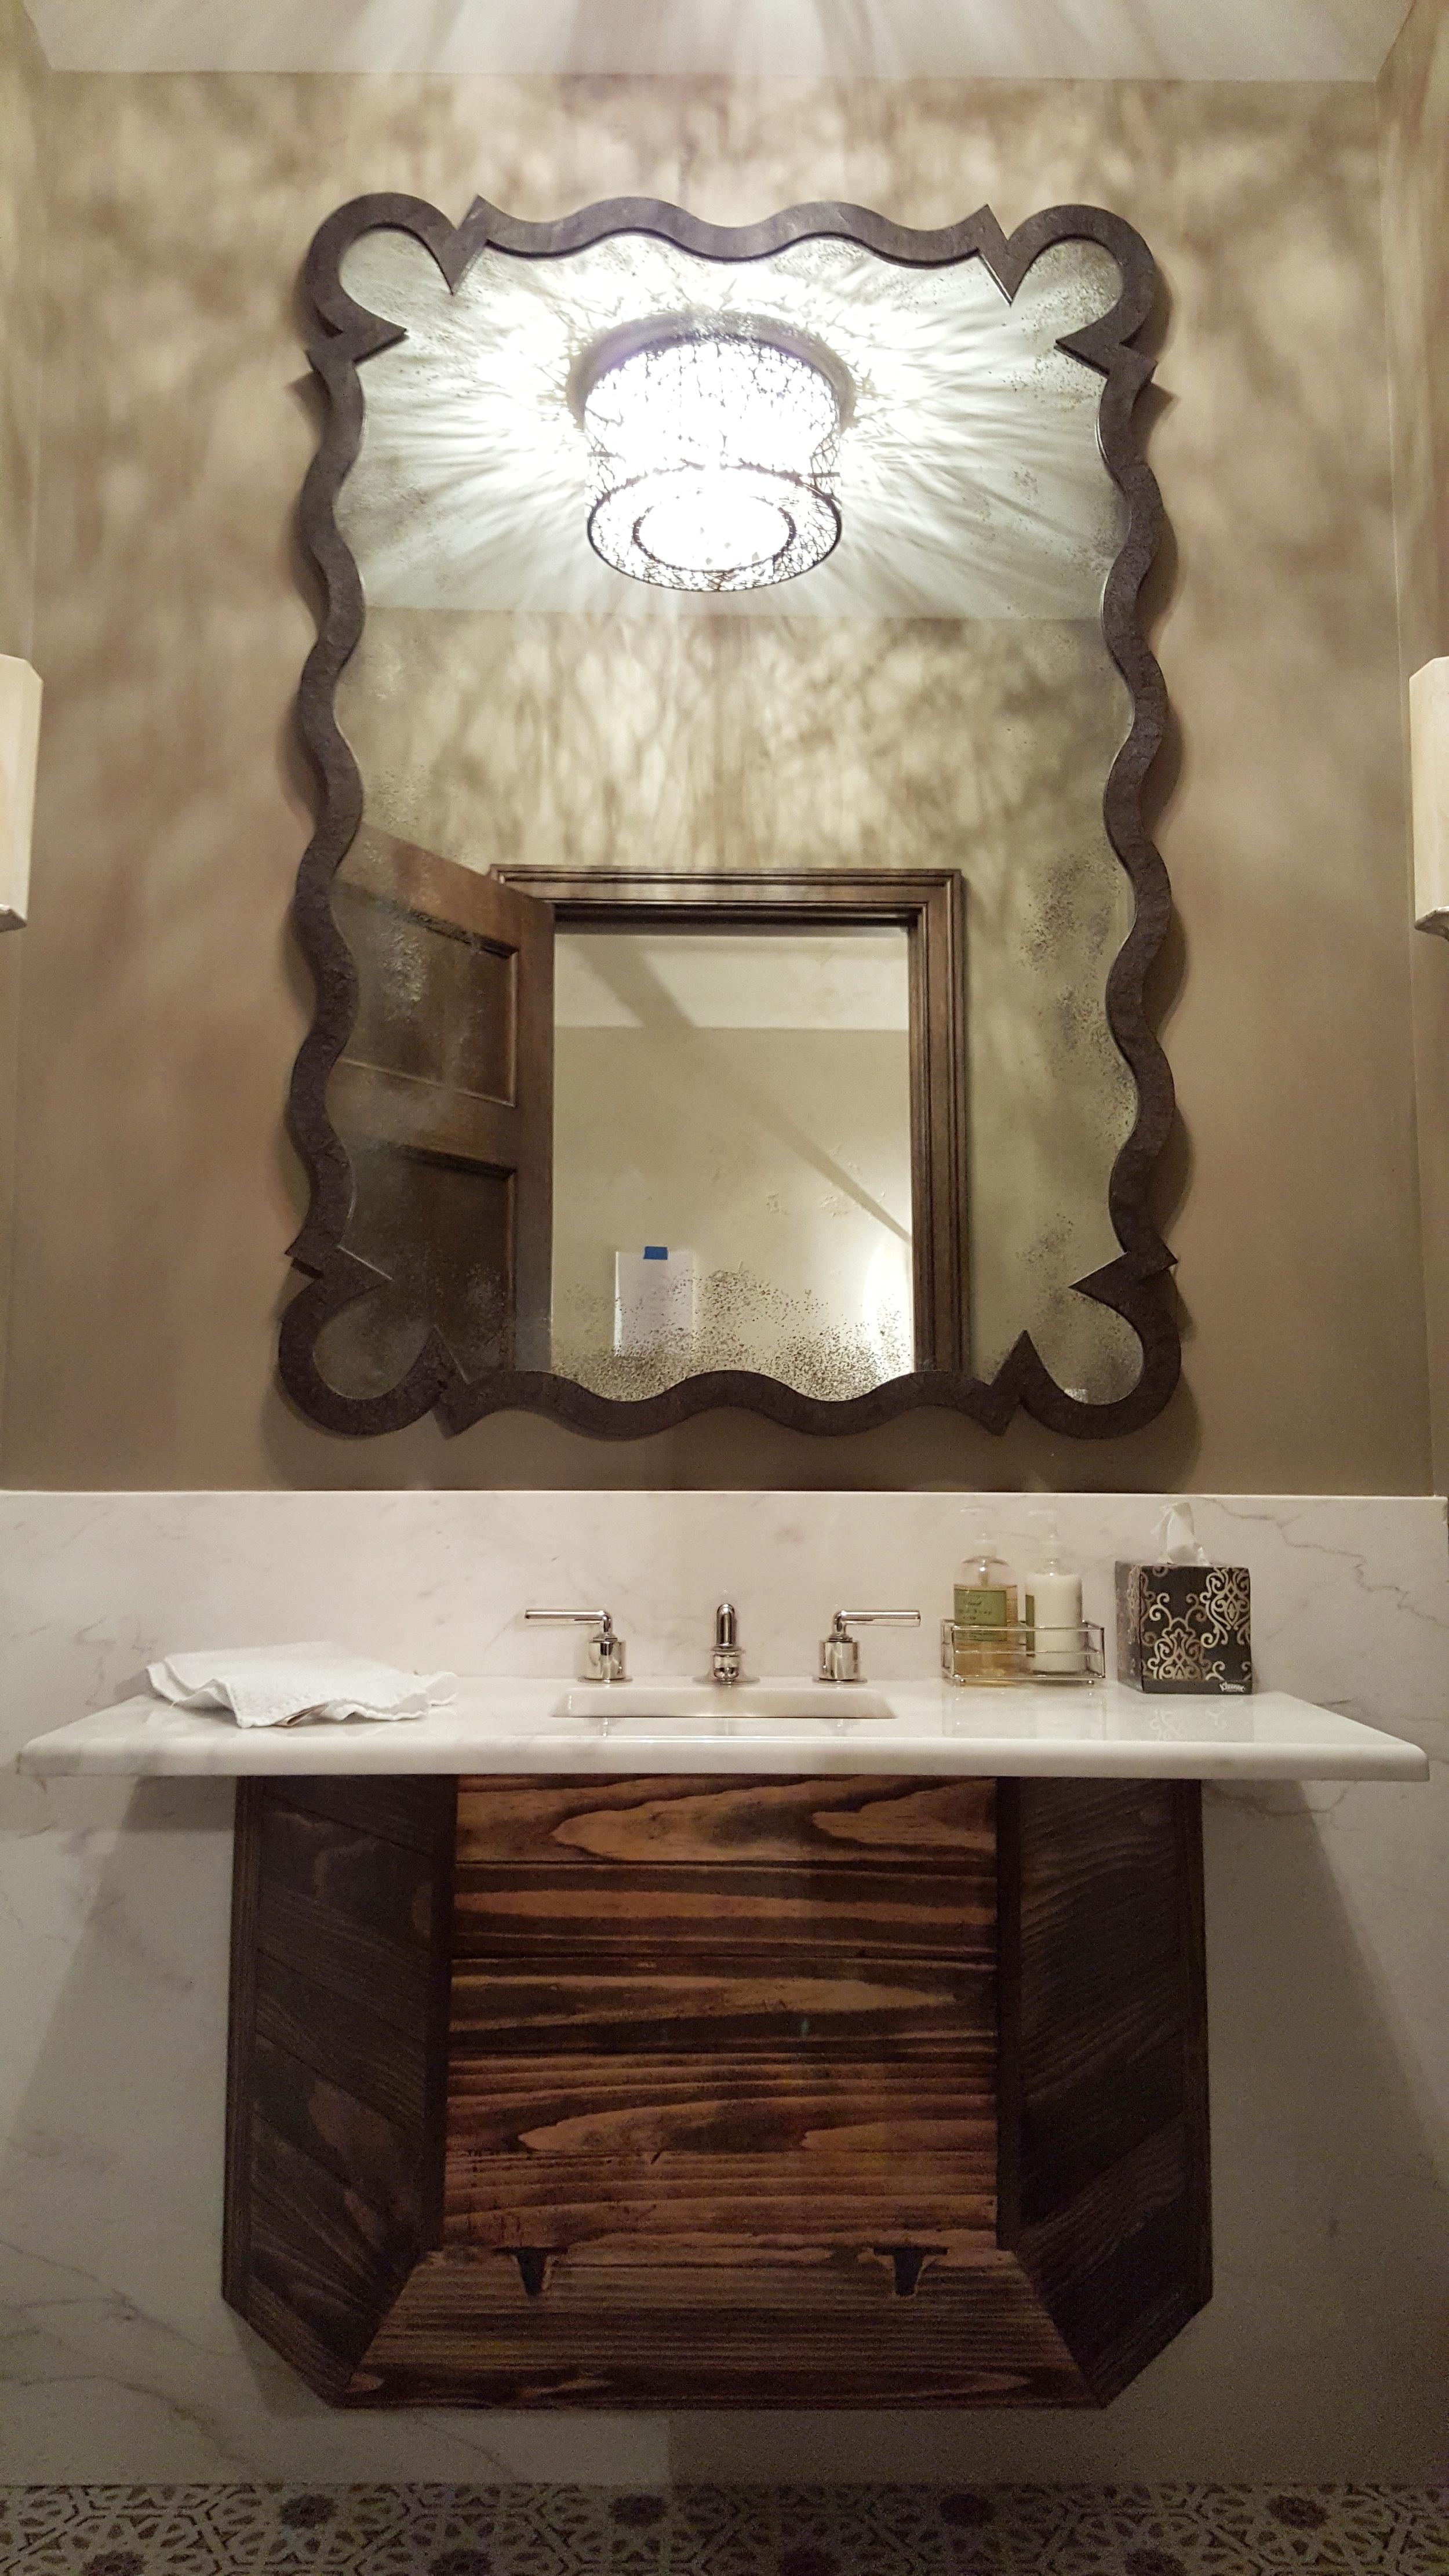 Bathroom vanity in marble and barnwood (2).jpg